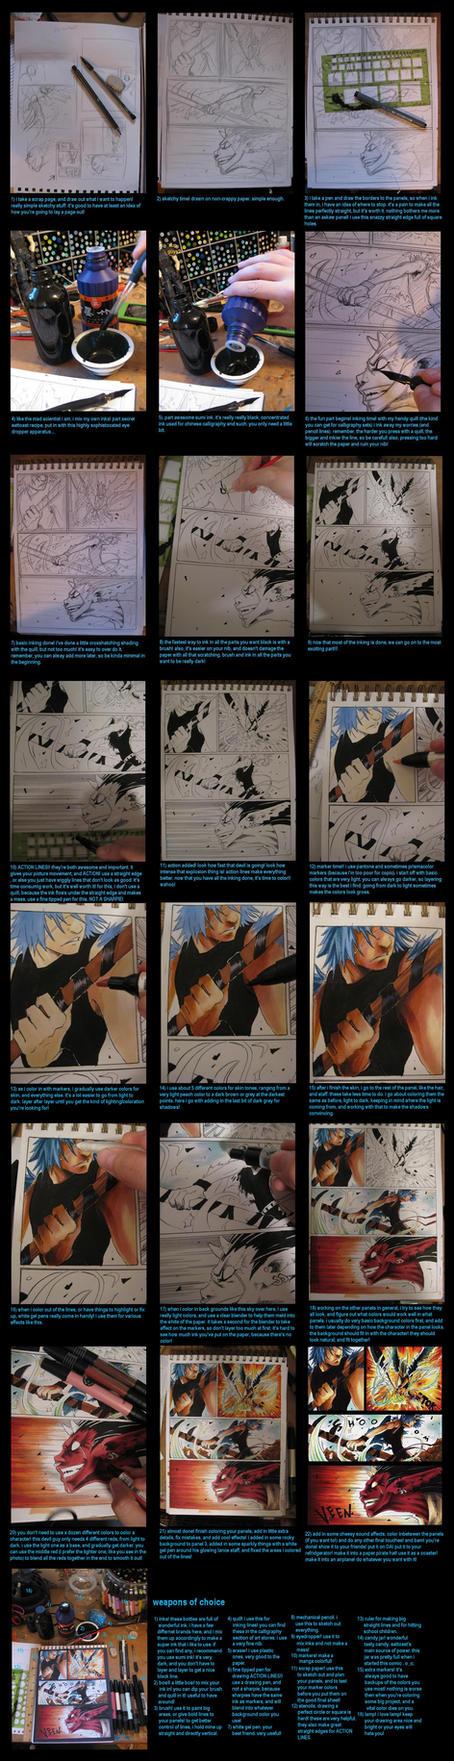 mega manga tutorial by EatToast